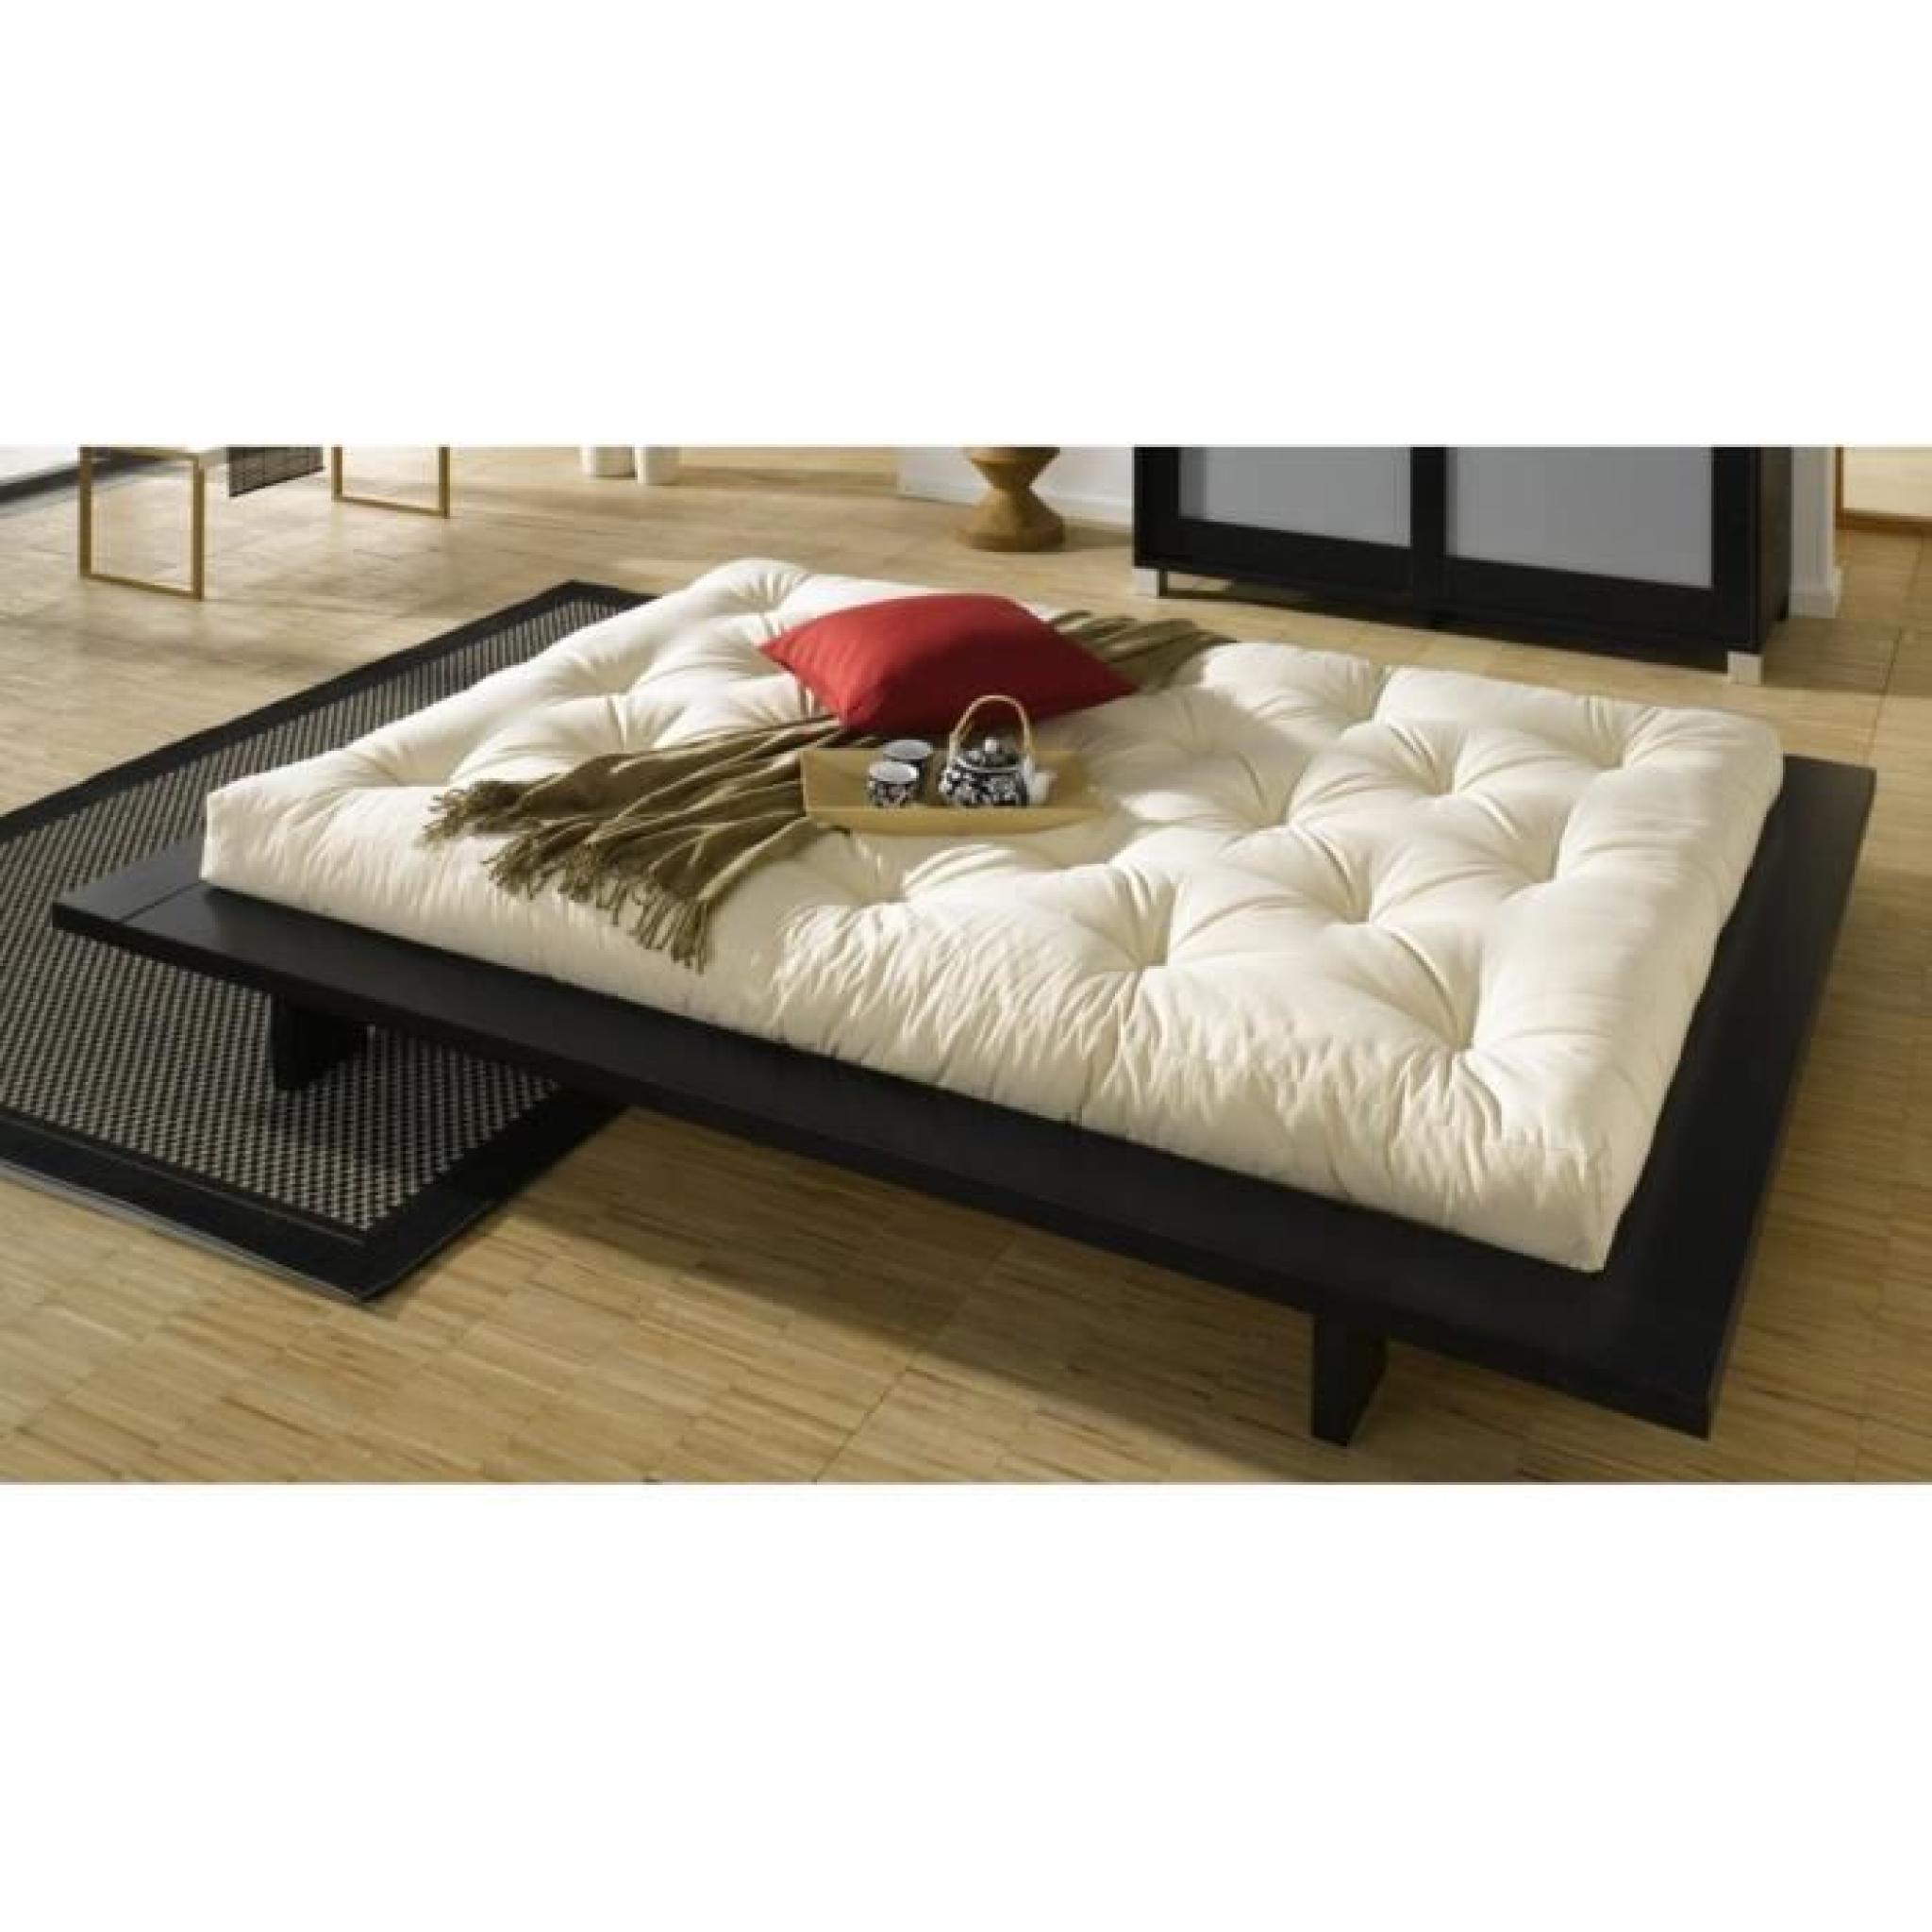 lit japonais japan noir couchage 140 200cm achat vente. Black Bedroom Furniture Sets. Home Design Ideas